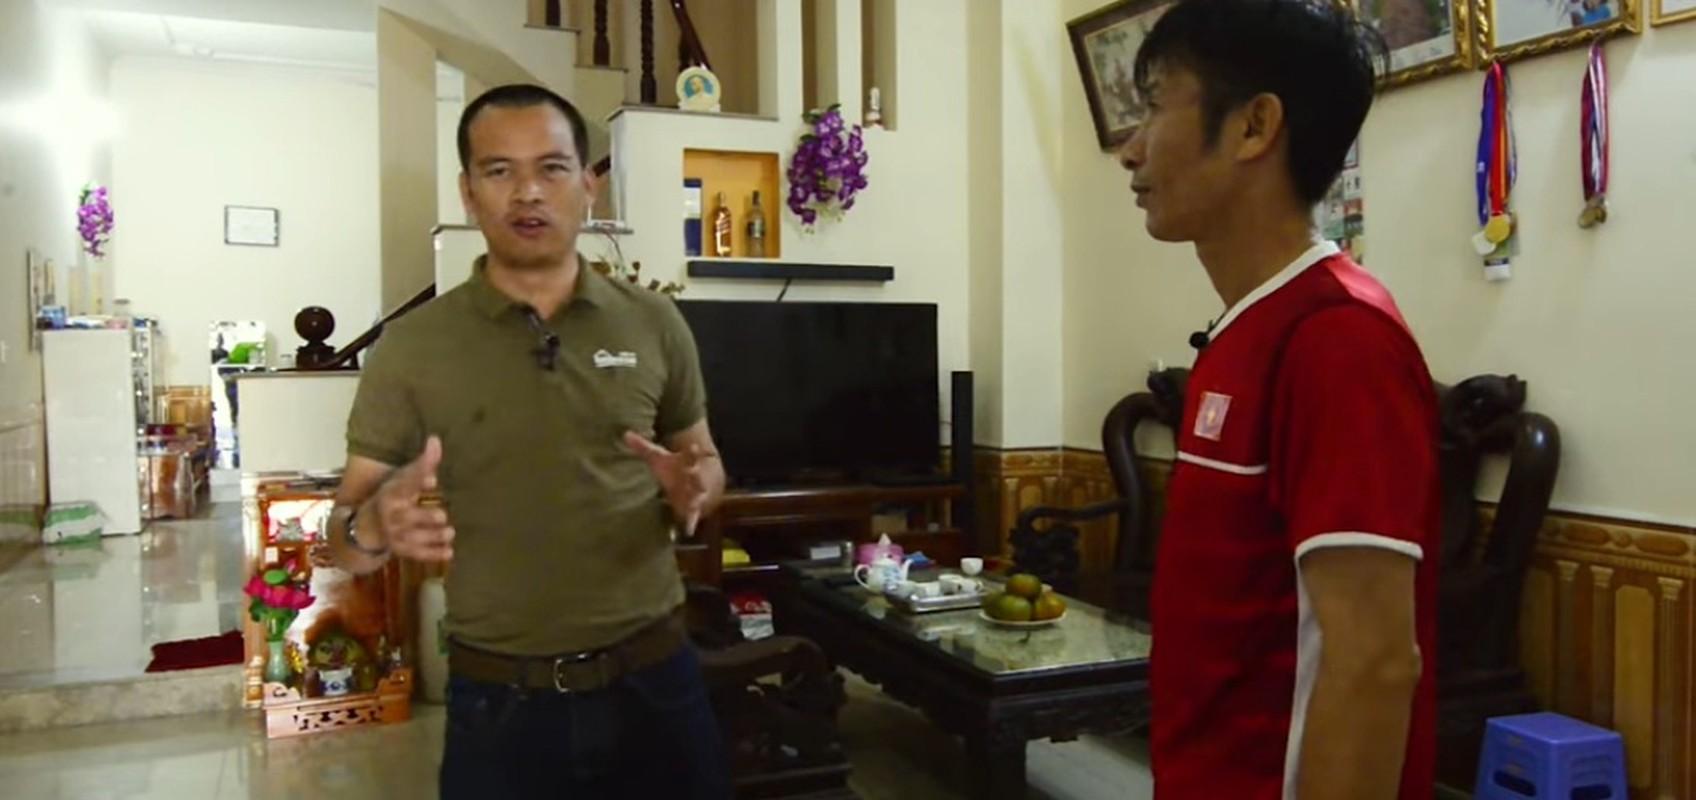 Ghe tham 2 can nha cua cau thu Phan Van Duc sap ket hon-Hinh-3